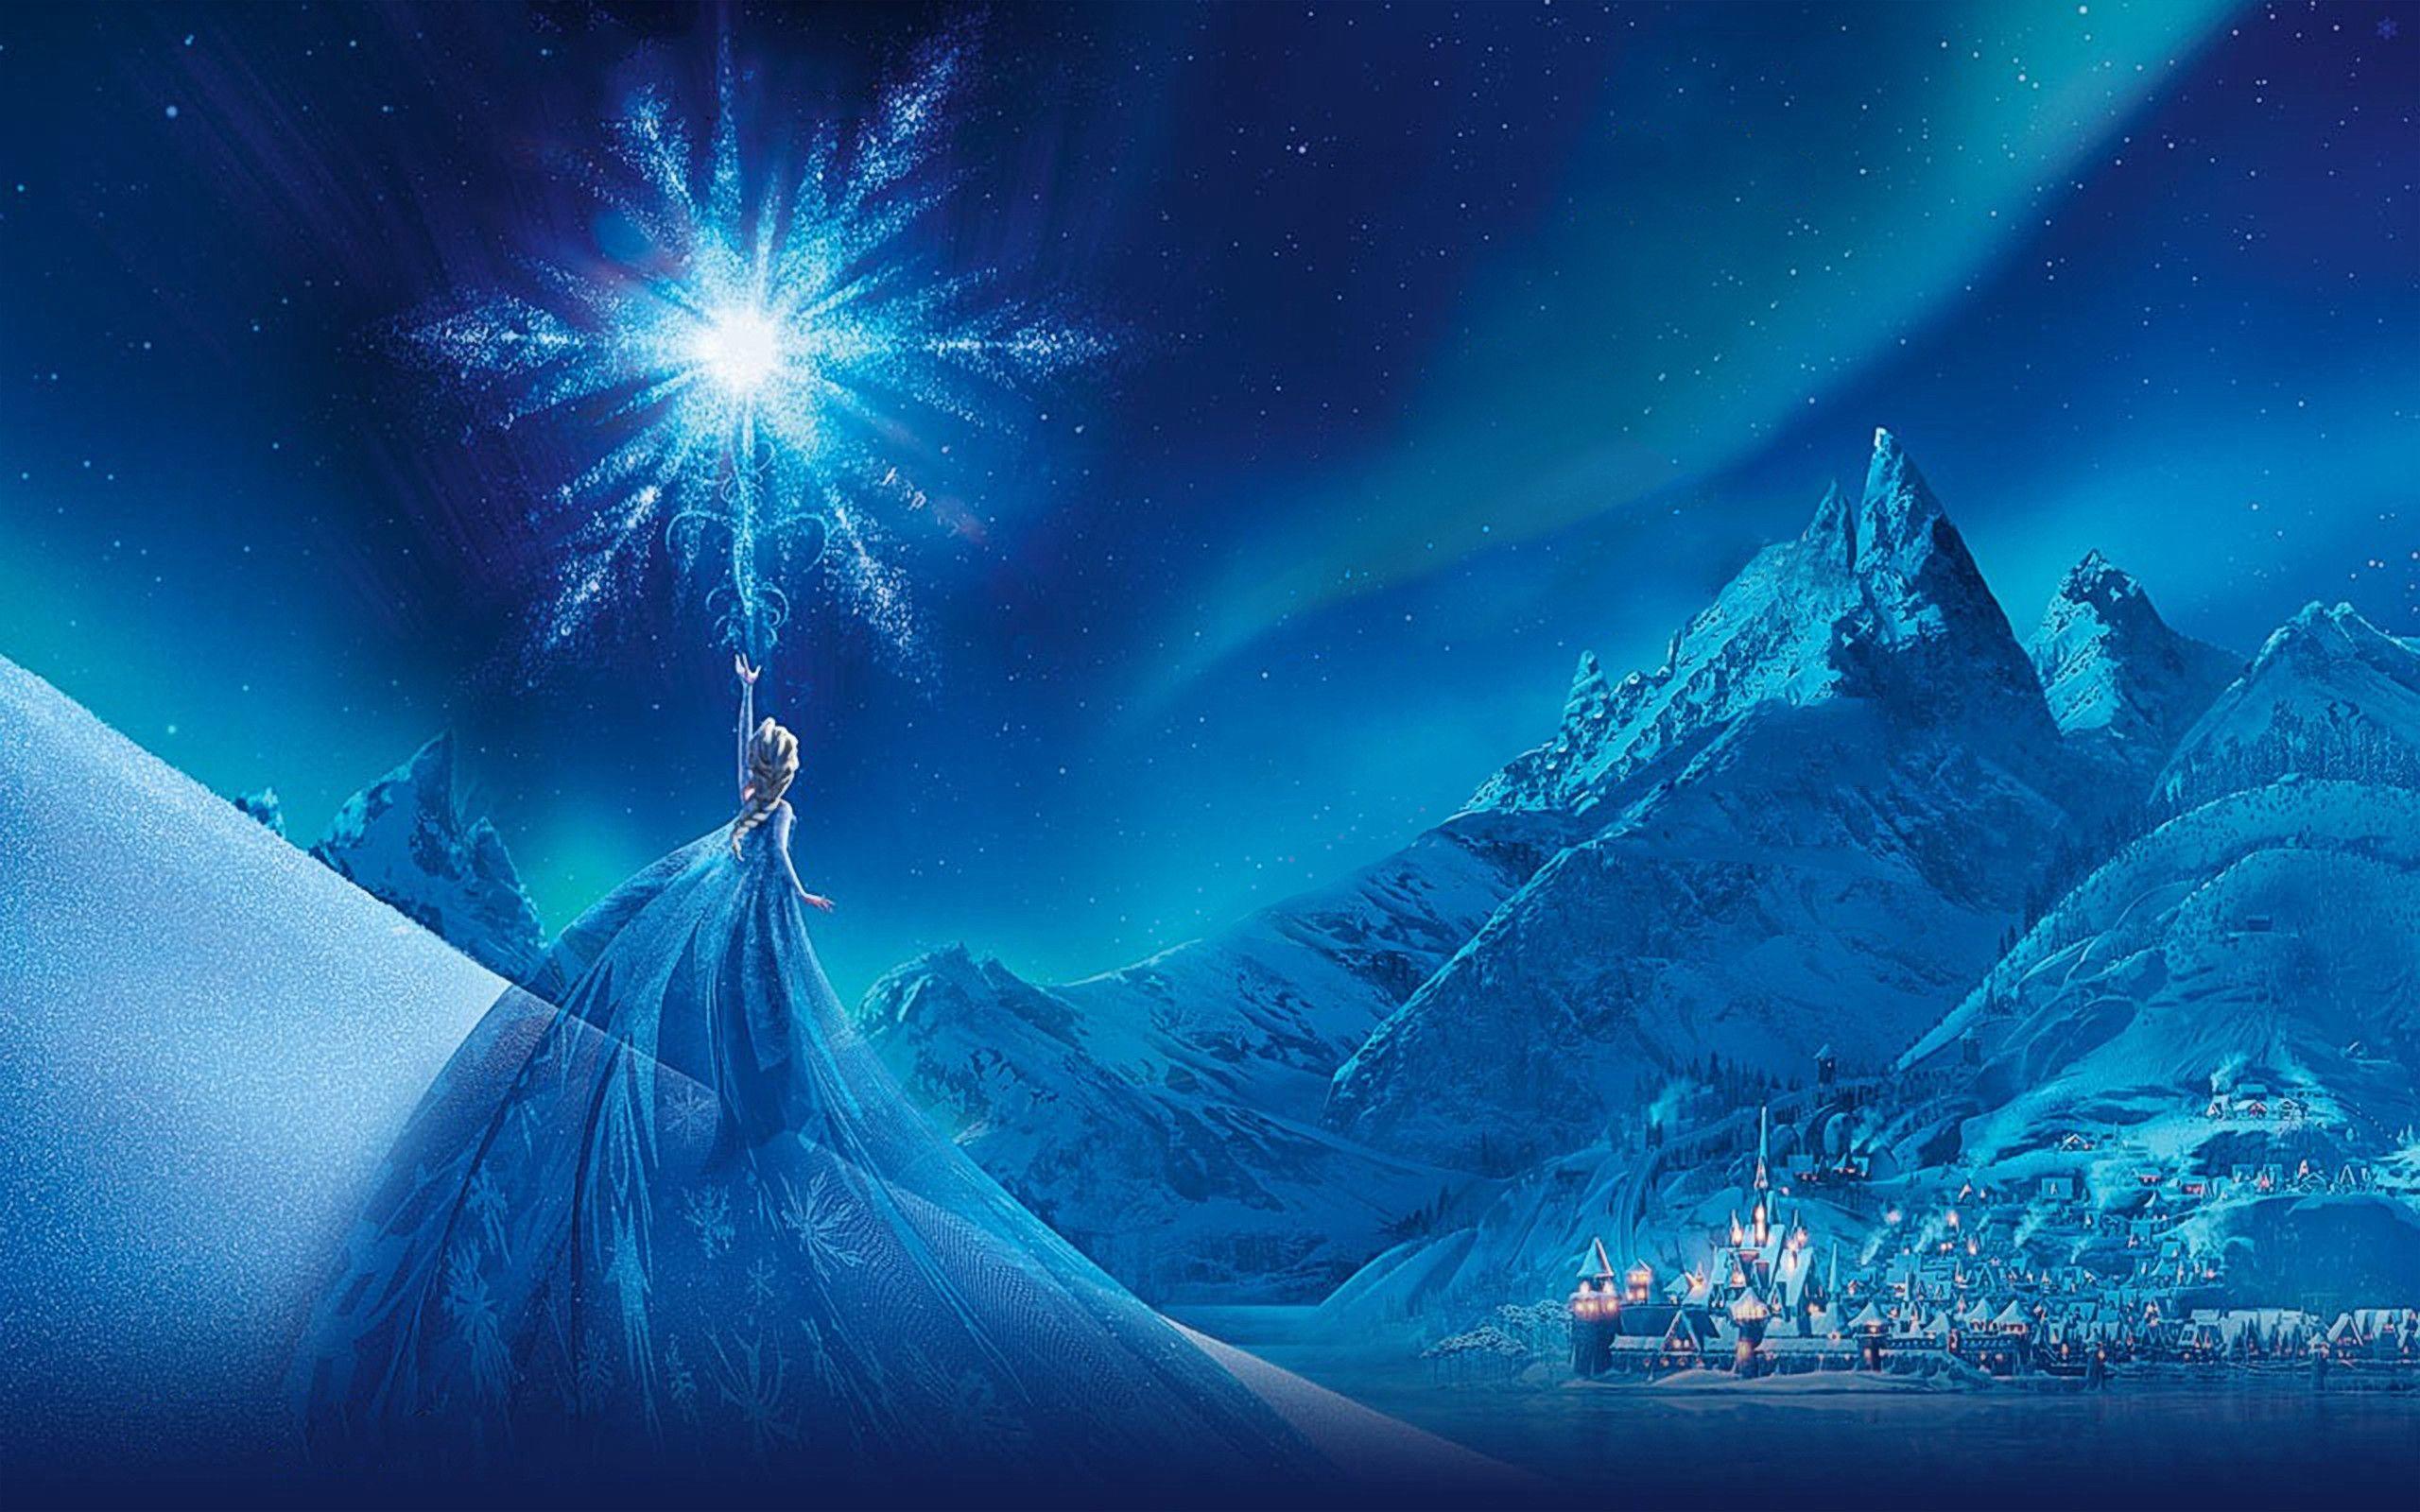 Movie Frozen Elsa Frozen Frozen Movie Snow Arendelle Wallpaper Frozen Wallpaper Frozen Images Frozen Background